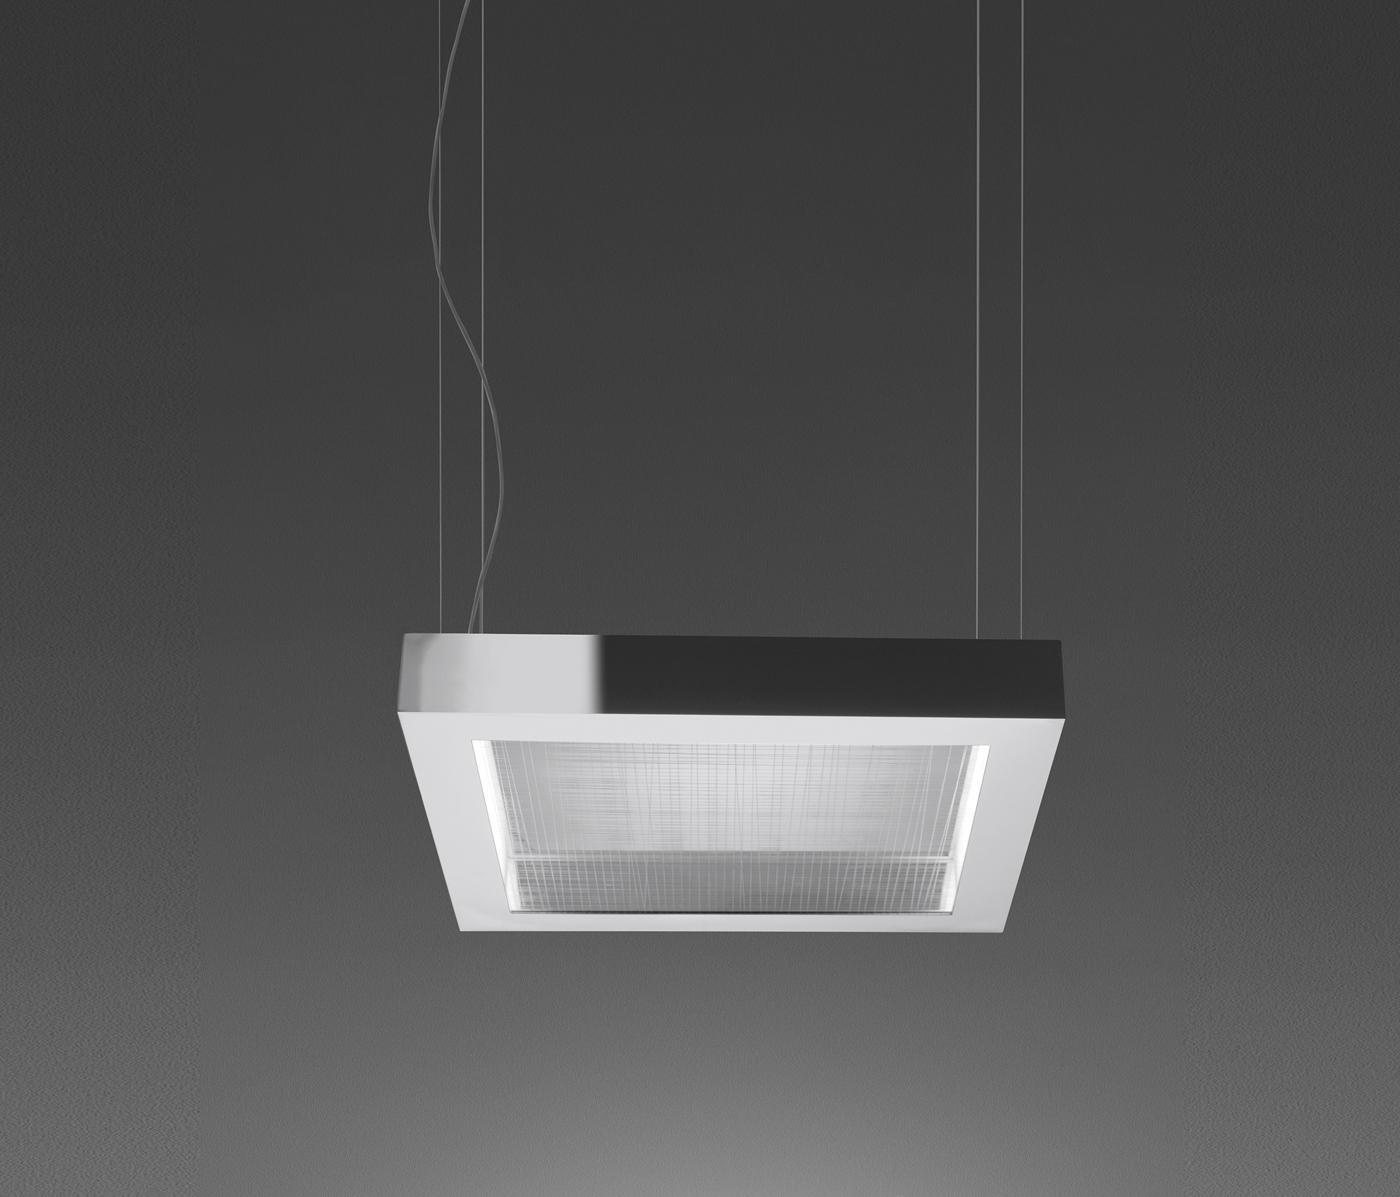 ALTROVE 600 LAMPADA A SOSPENSIONE   Illuminazione generale Artemide   Architonic -> Illuminazione Esterna Artemide